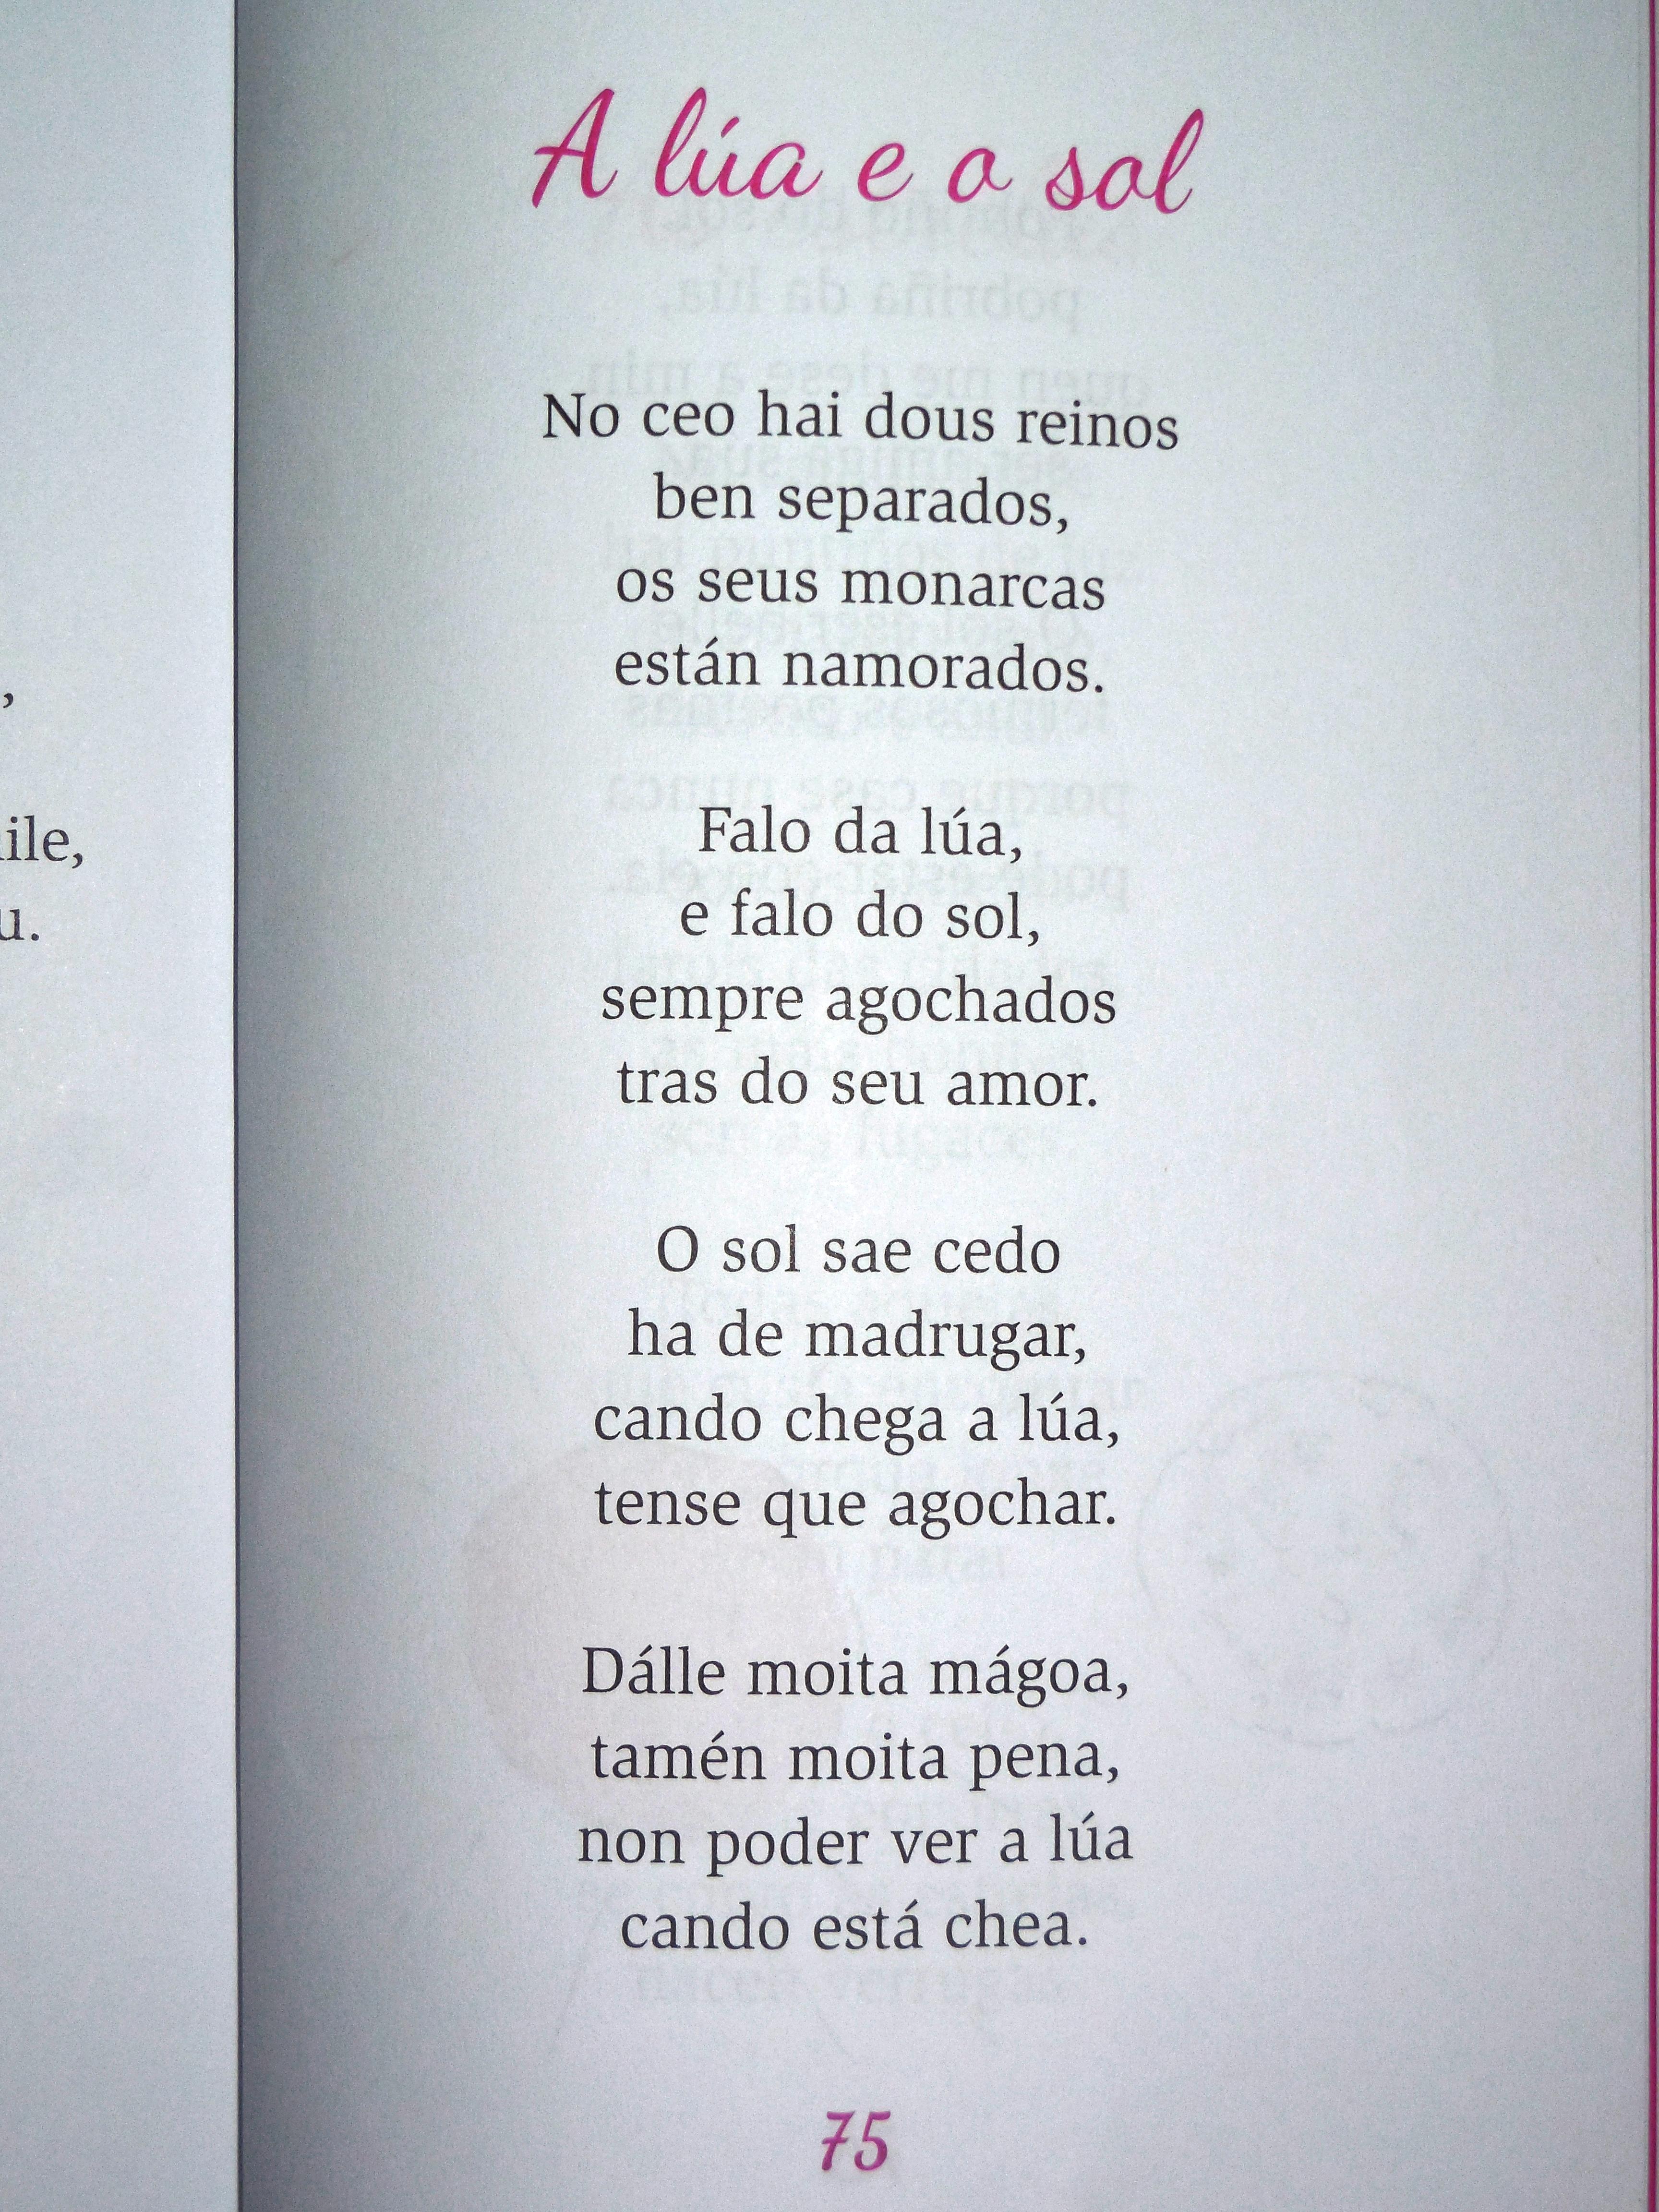 Versos Poemas De Cuatro